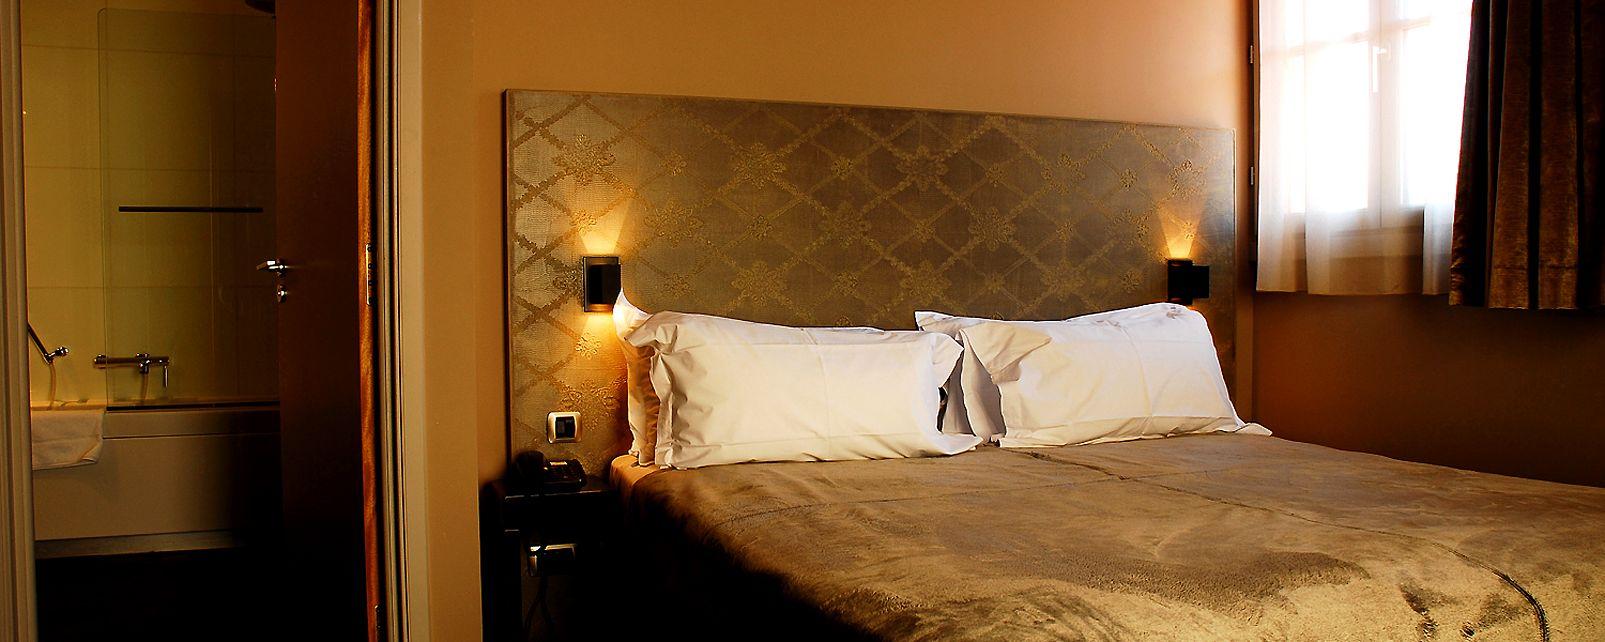 Hotel U Domu Palazzu